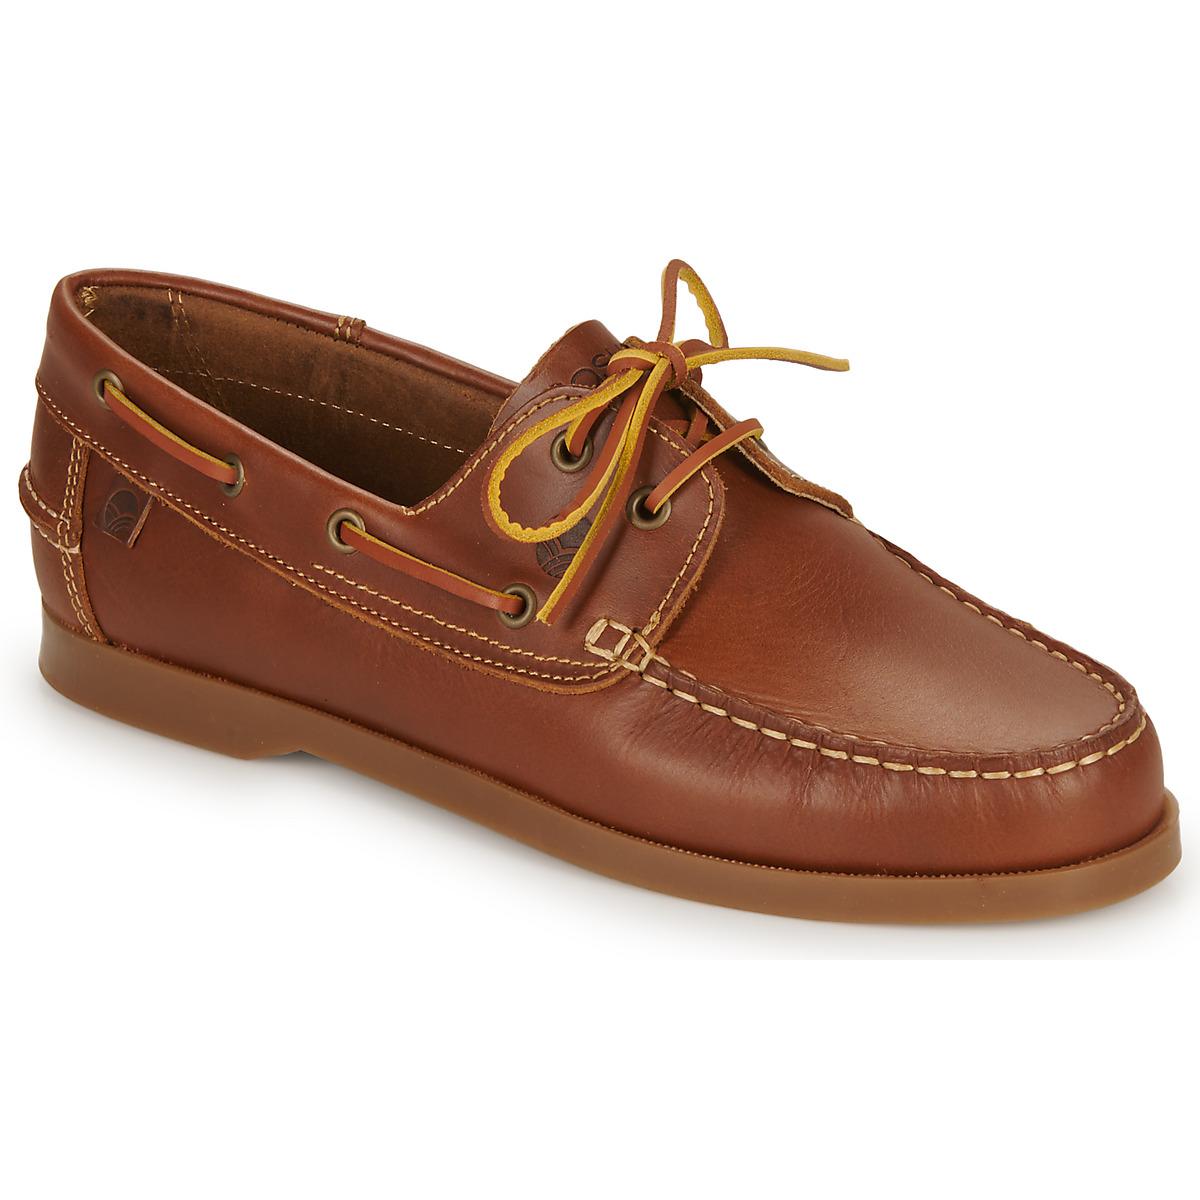 Chaussure bateau homme , grand choix de Chaussures bateau , Livraison  Gratuite avec Spartoo.com !